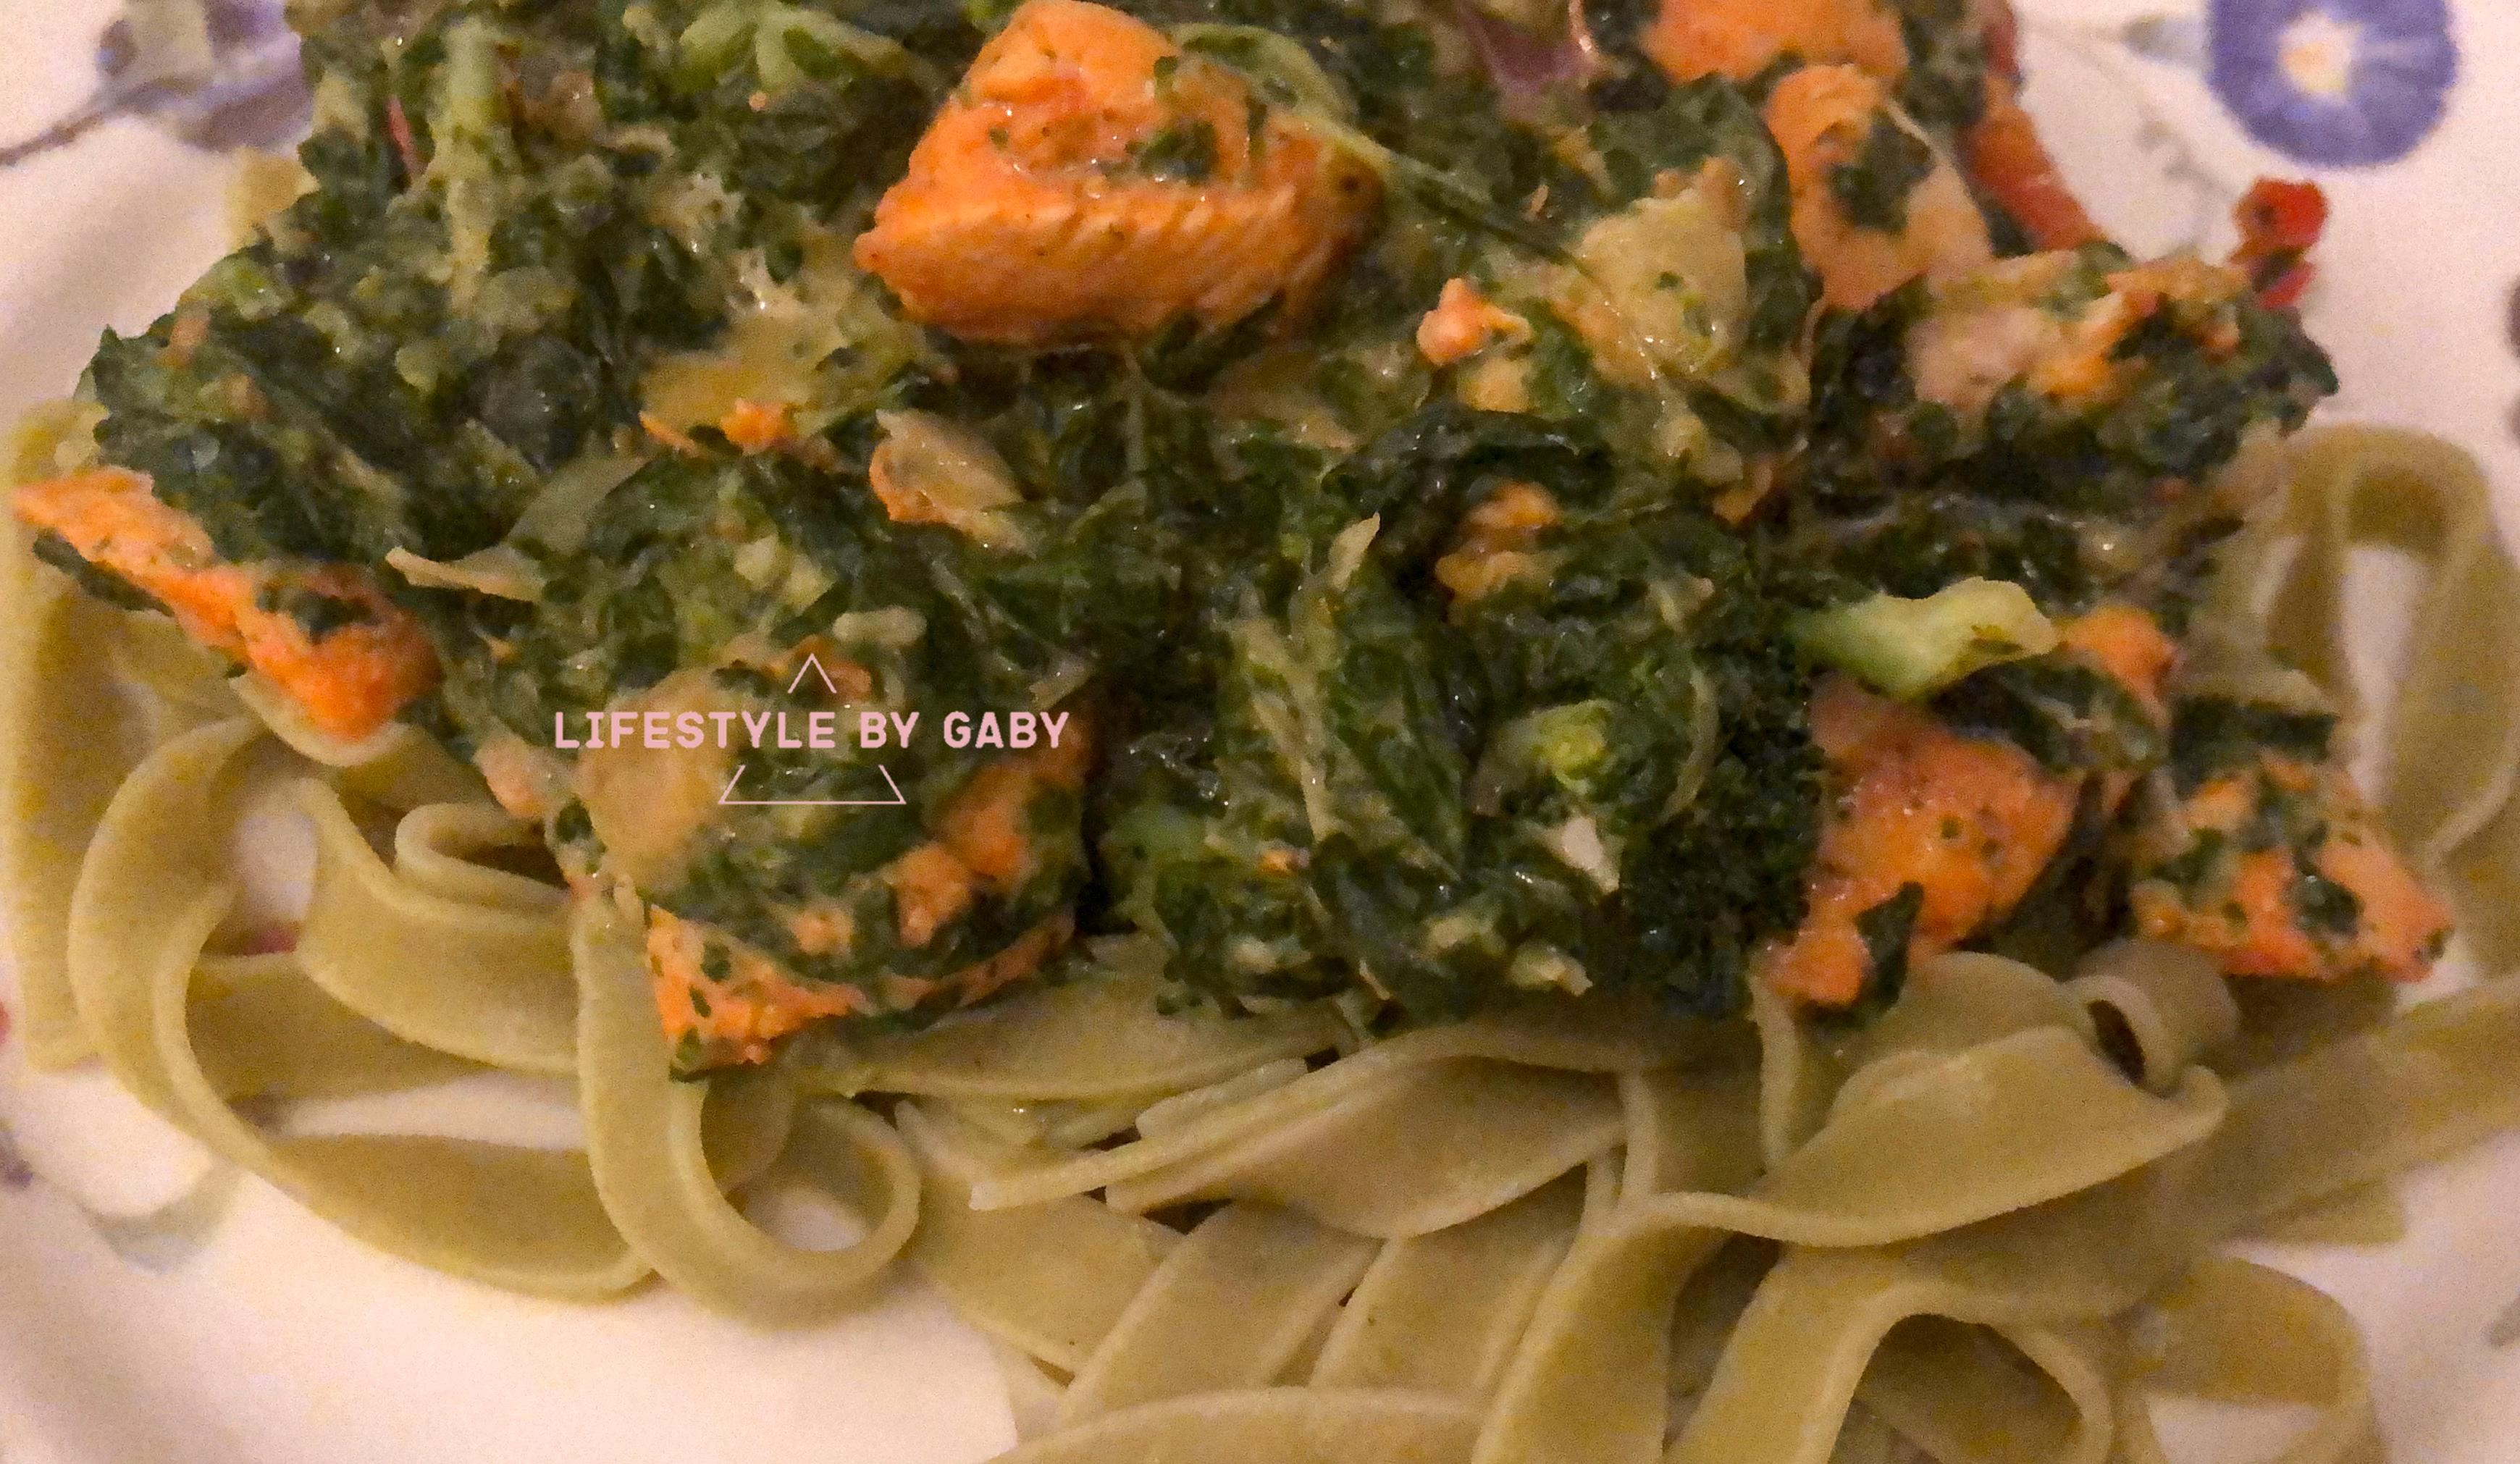 #8. Tagliatelle met spinazie, kip en groente